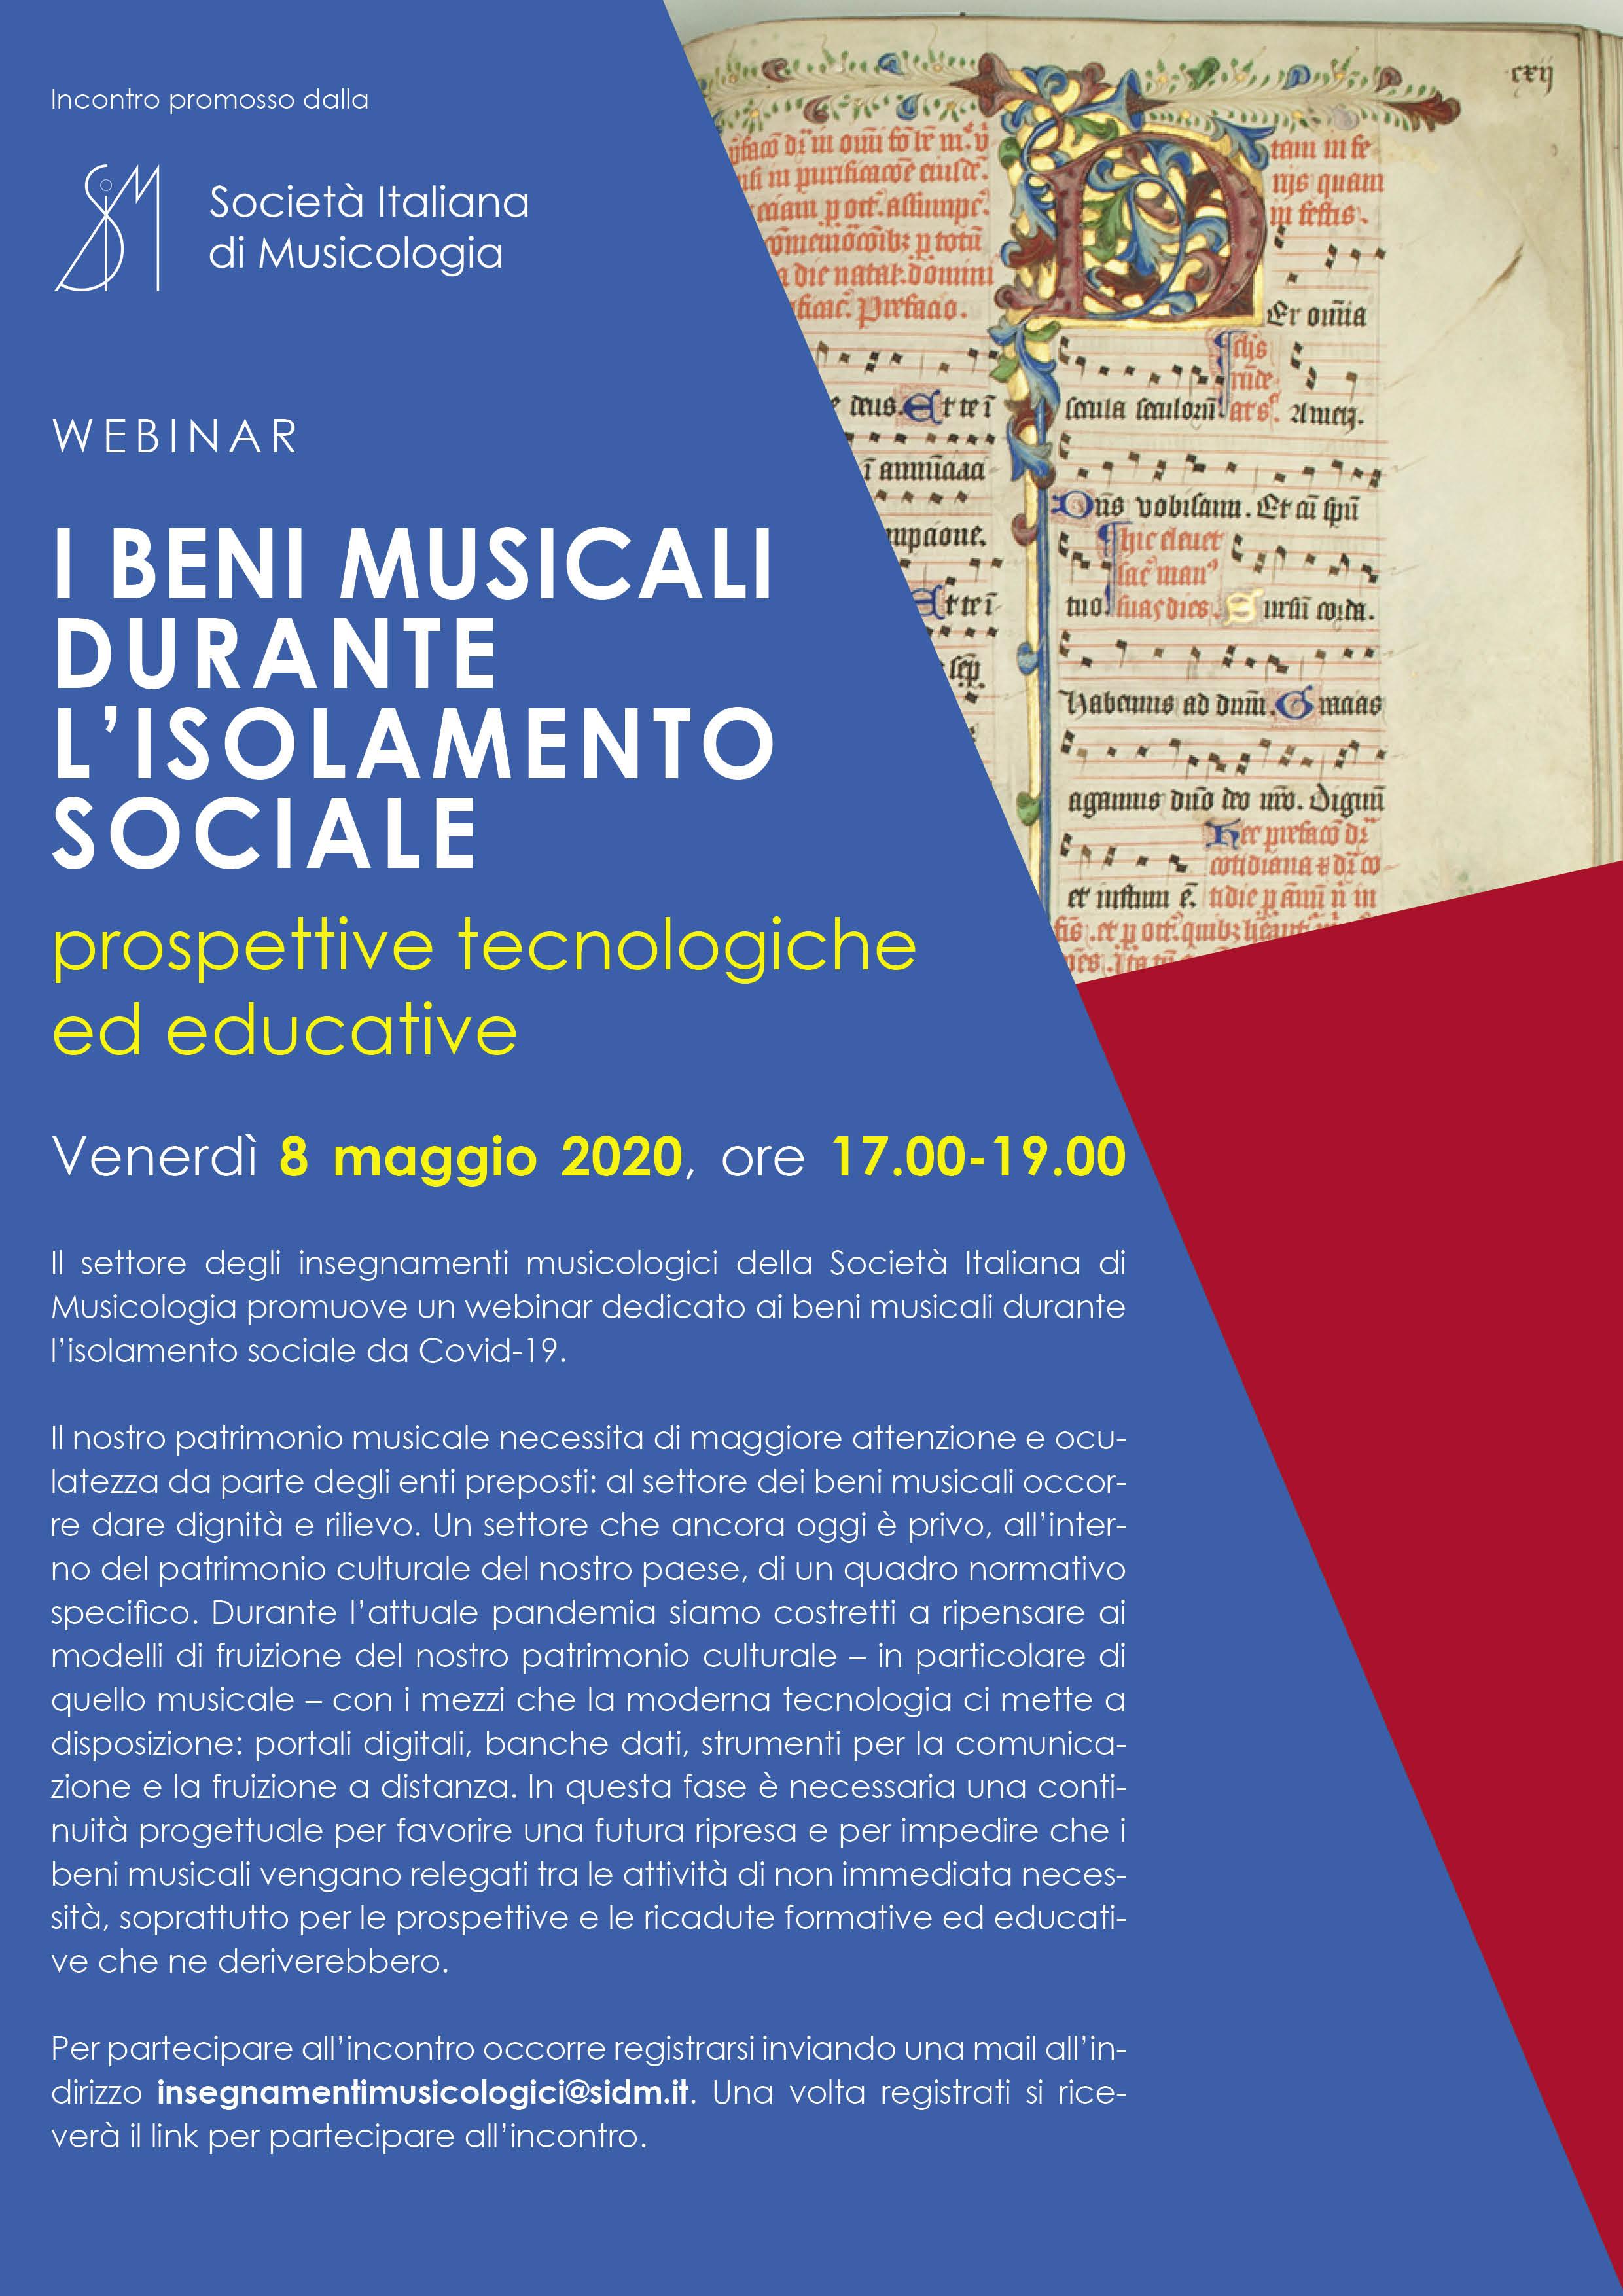 WEBINAR - I beni musicali durante l'isolamento sociale: prospettive tecnologiche ed educative